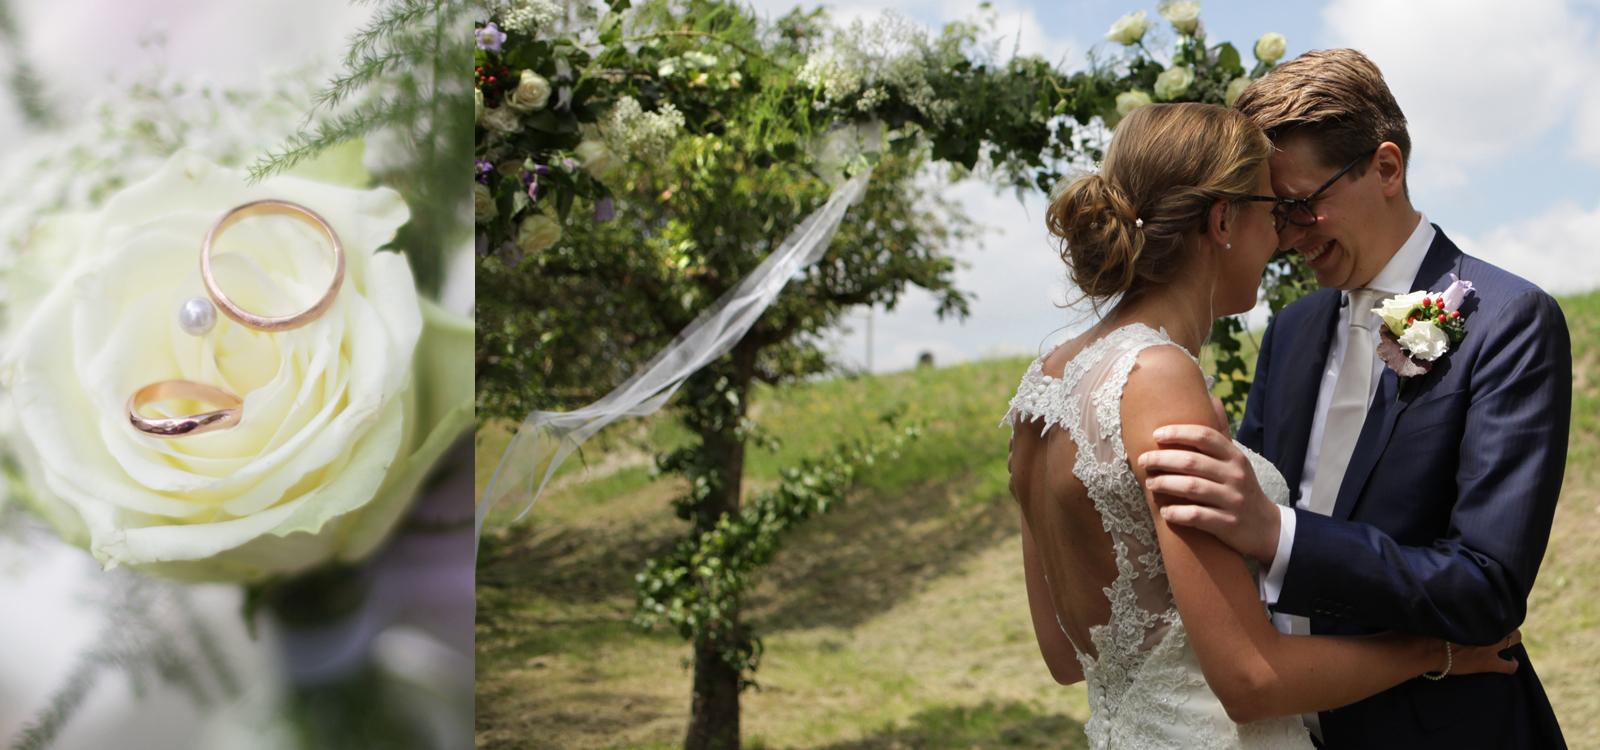 Bruidsfoto van een gelukkig bruidspaar tijdens de ceremonie.